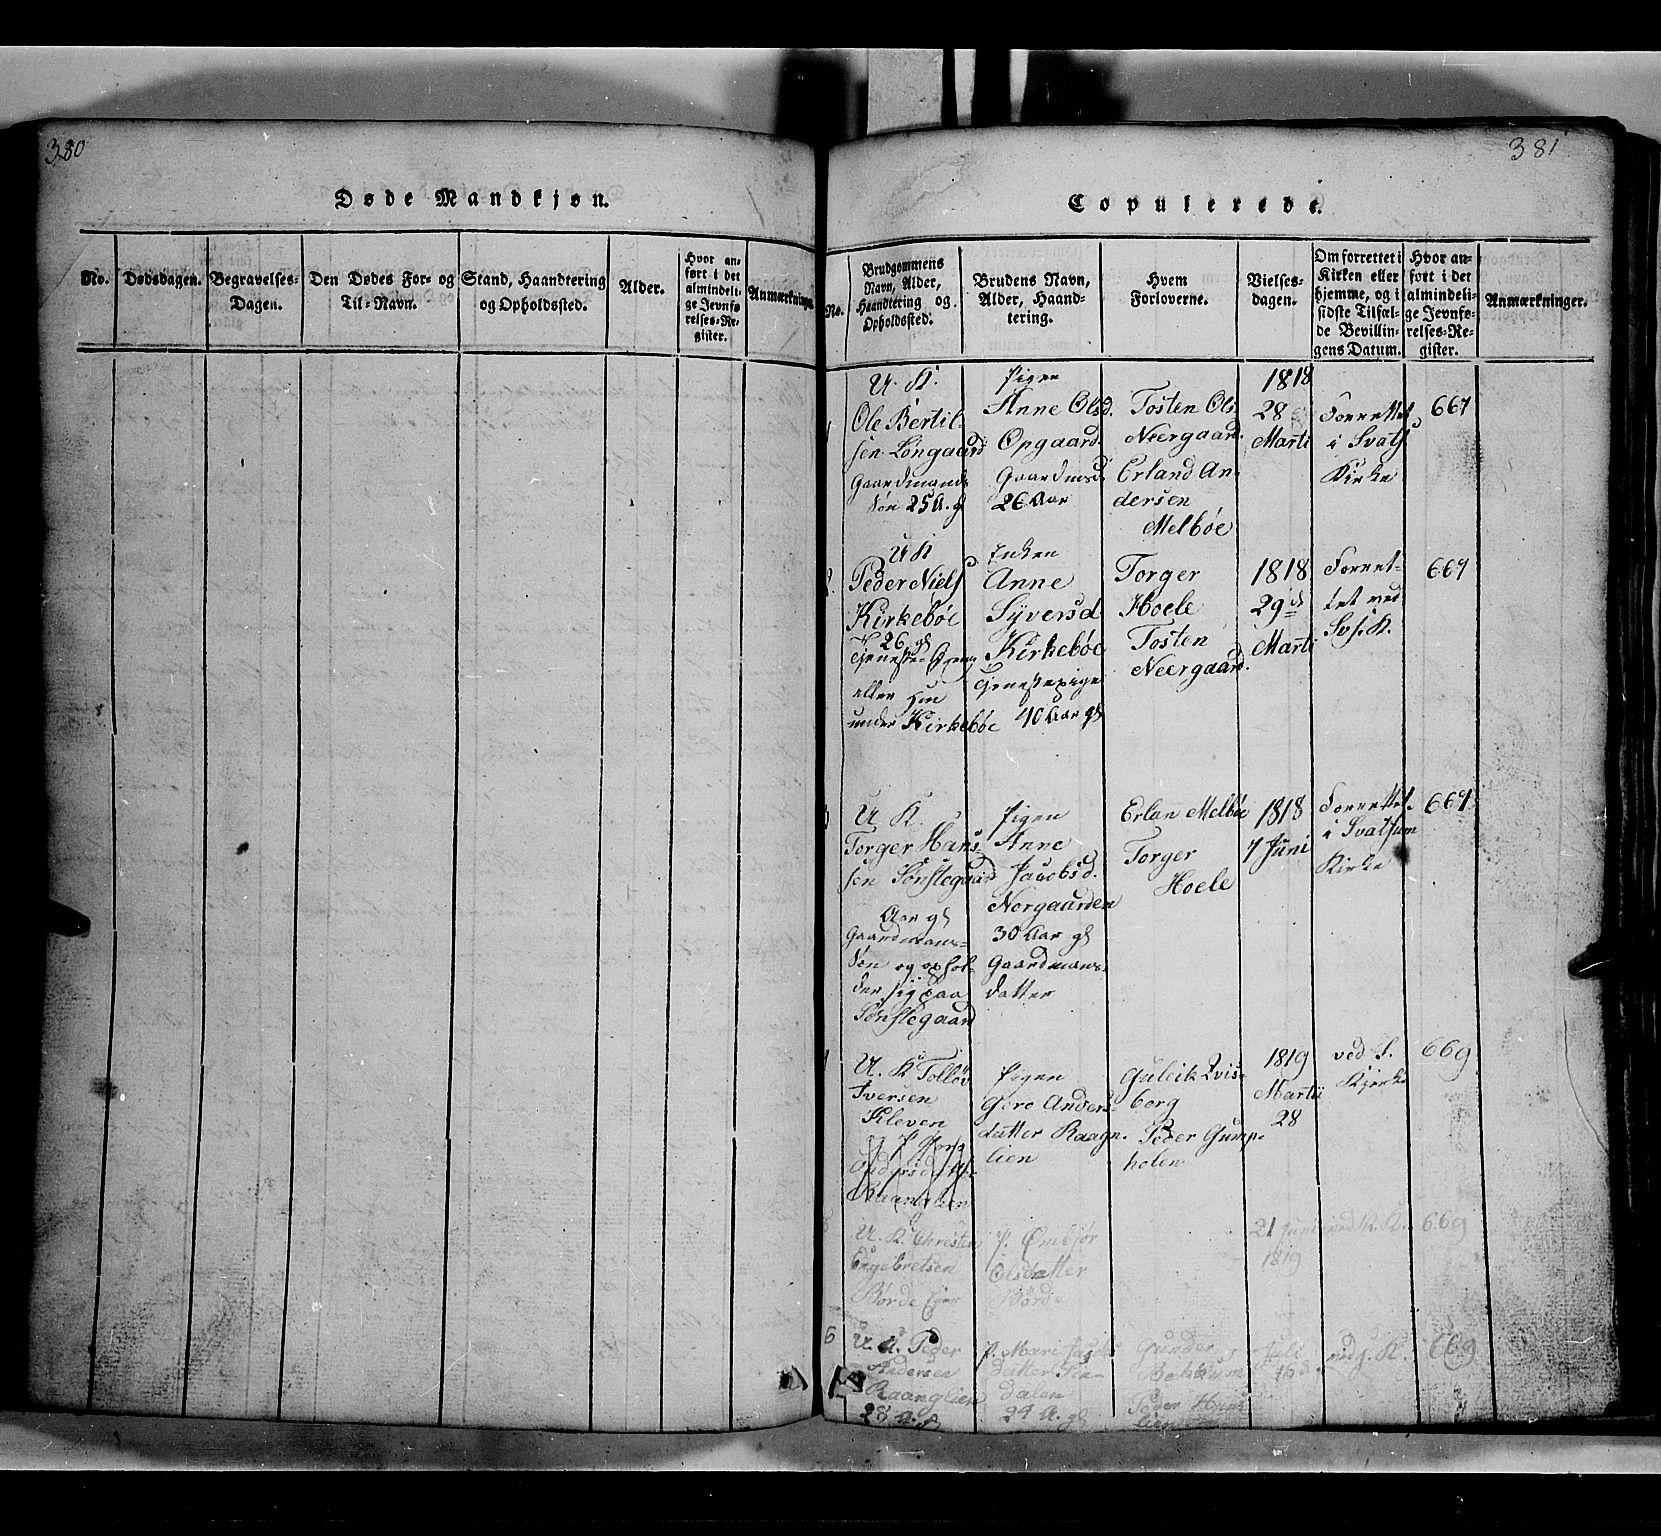 SAH, Gausdal prestekontor, Klokkerbok nr. 2, 1818-1874, s. 380-381